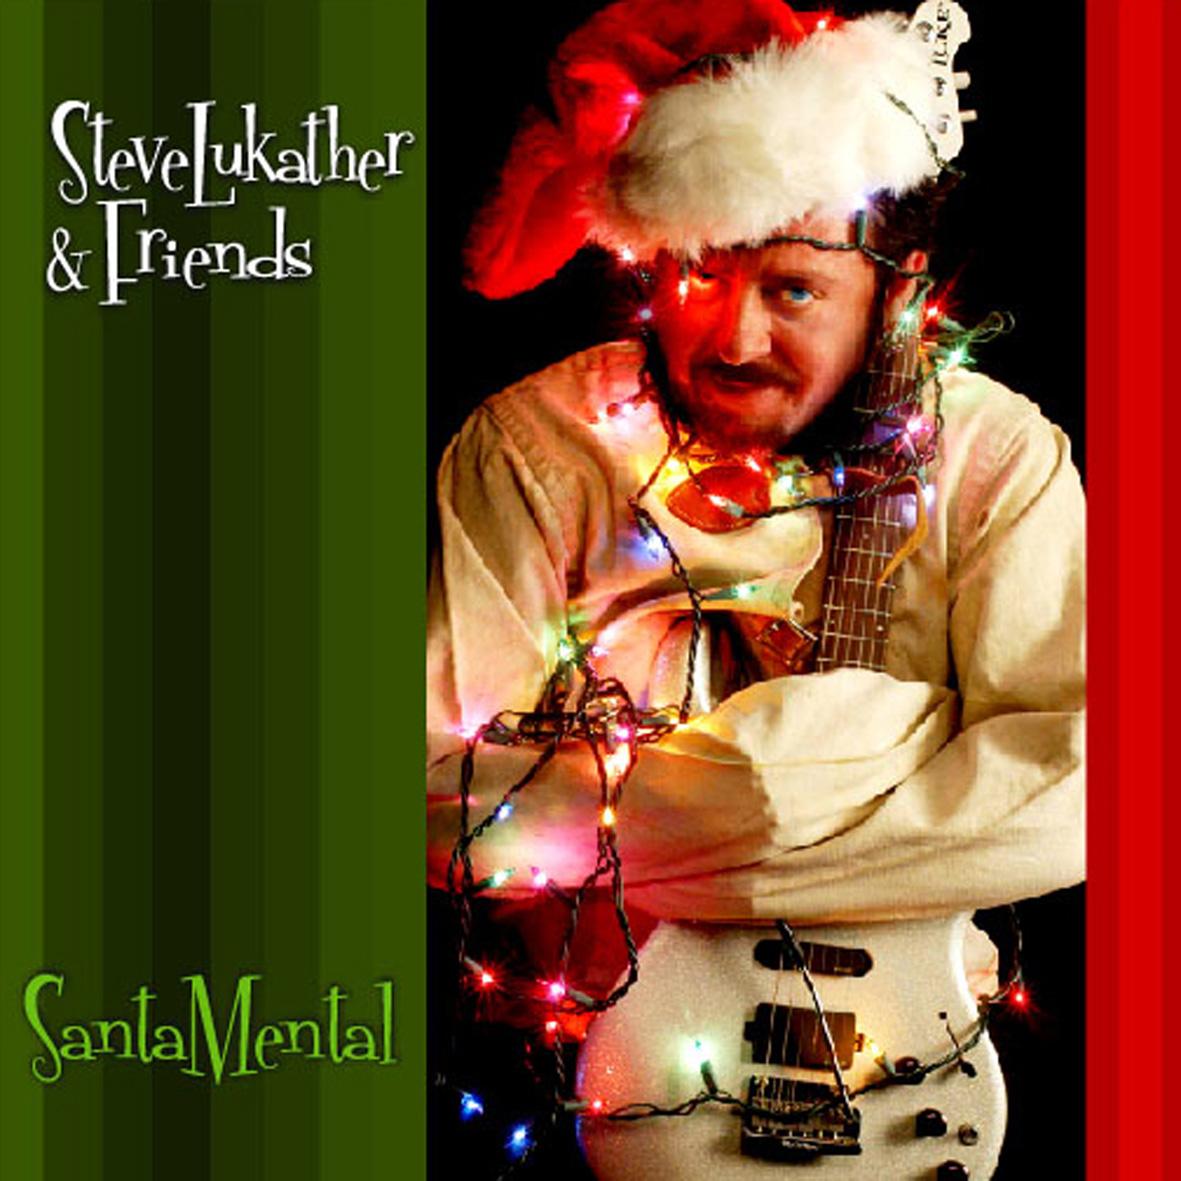 stevevai.it - Steve Lukather & Friends - Santamental